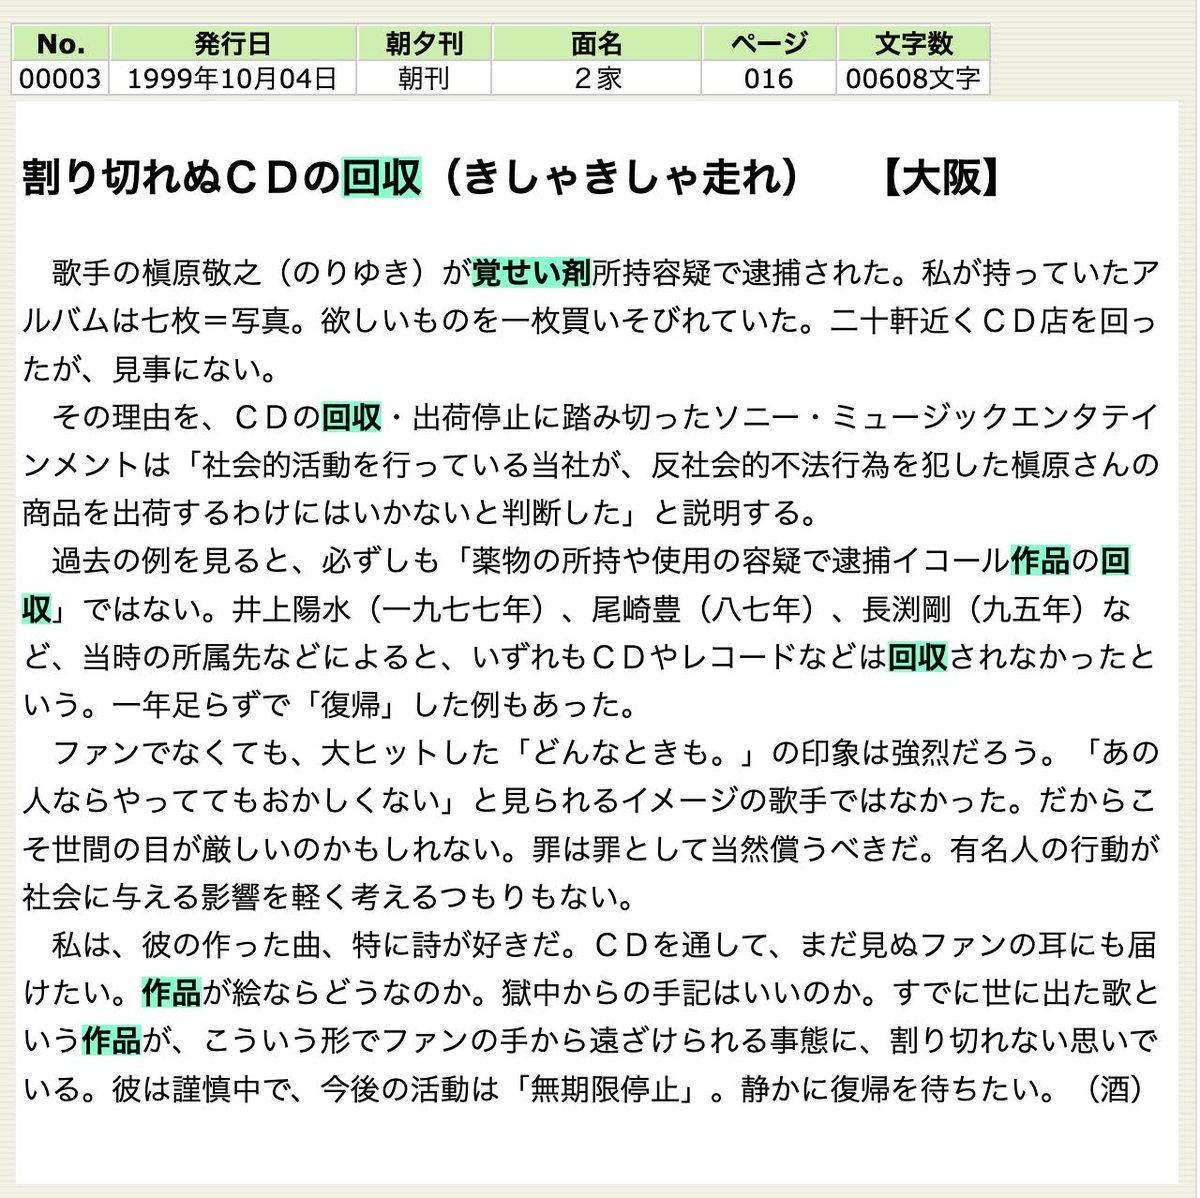 RT @yearman: 逮捕されたらCDやDVDなどを回収するって流れ,朝日新聞DBを見る限り最初はやっぱり99年の槇原敬之からみたい。長渕剛とか尾崎豊のときは回収されてなかったとはっきり書いてある https://t.co/SWdDRMGqnO